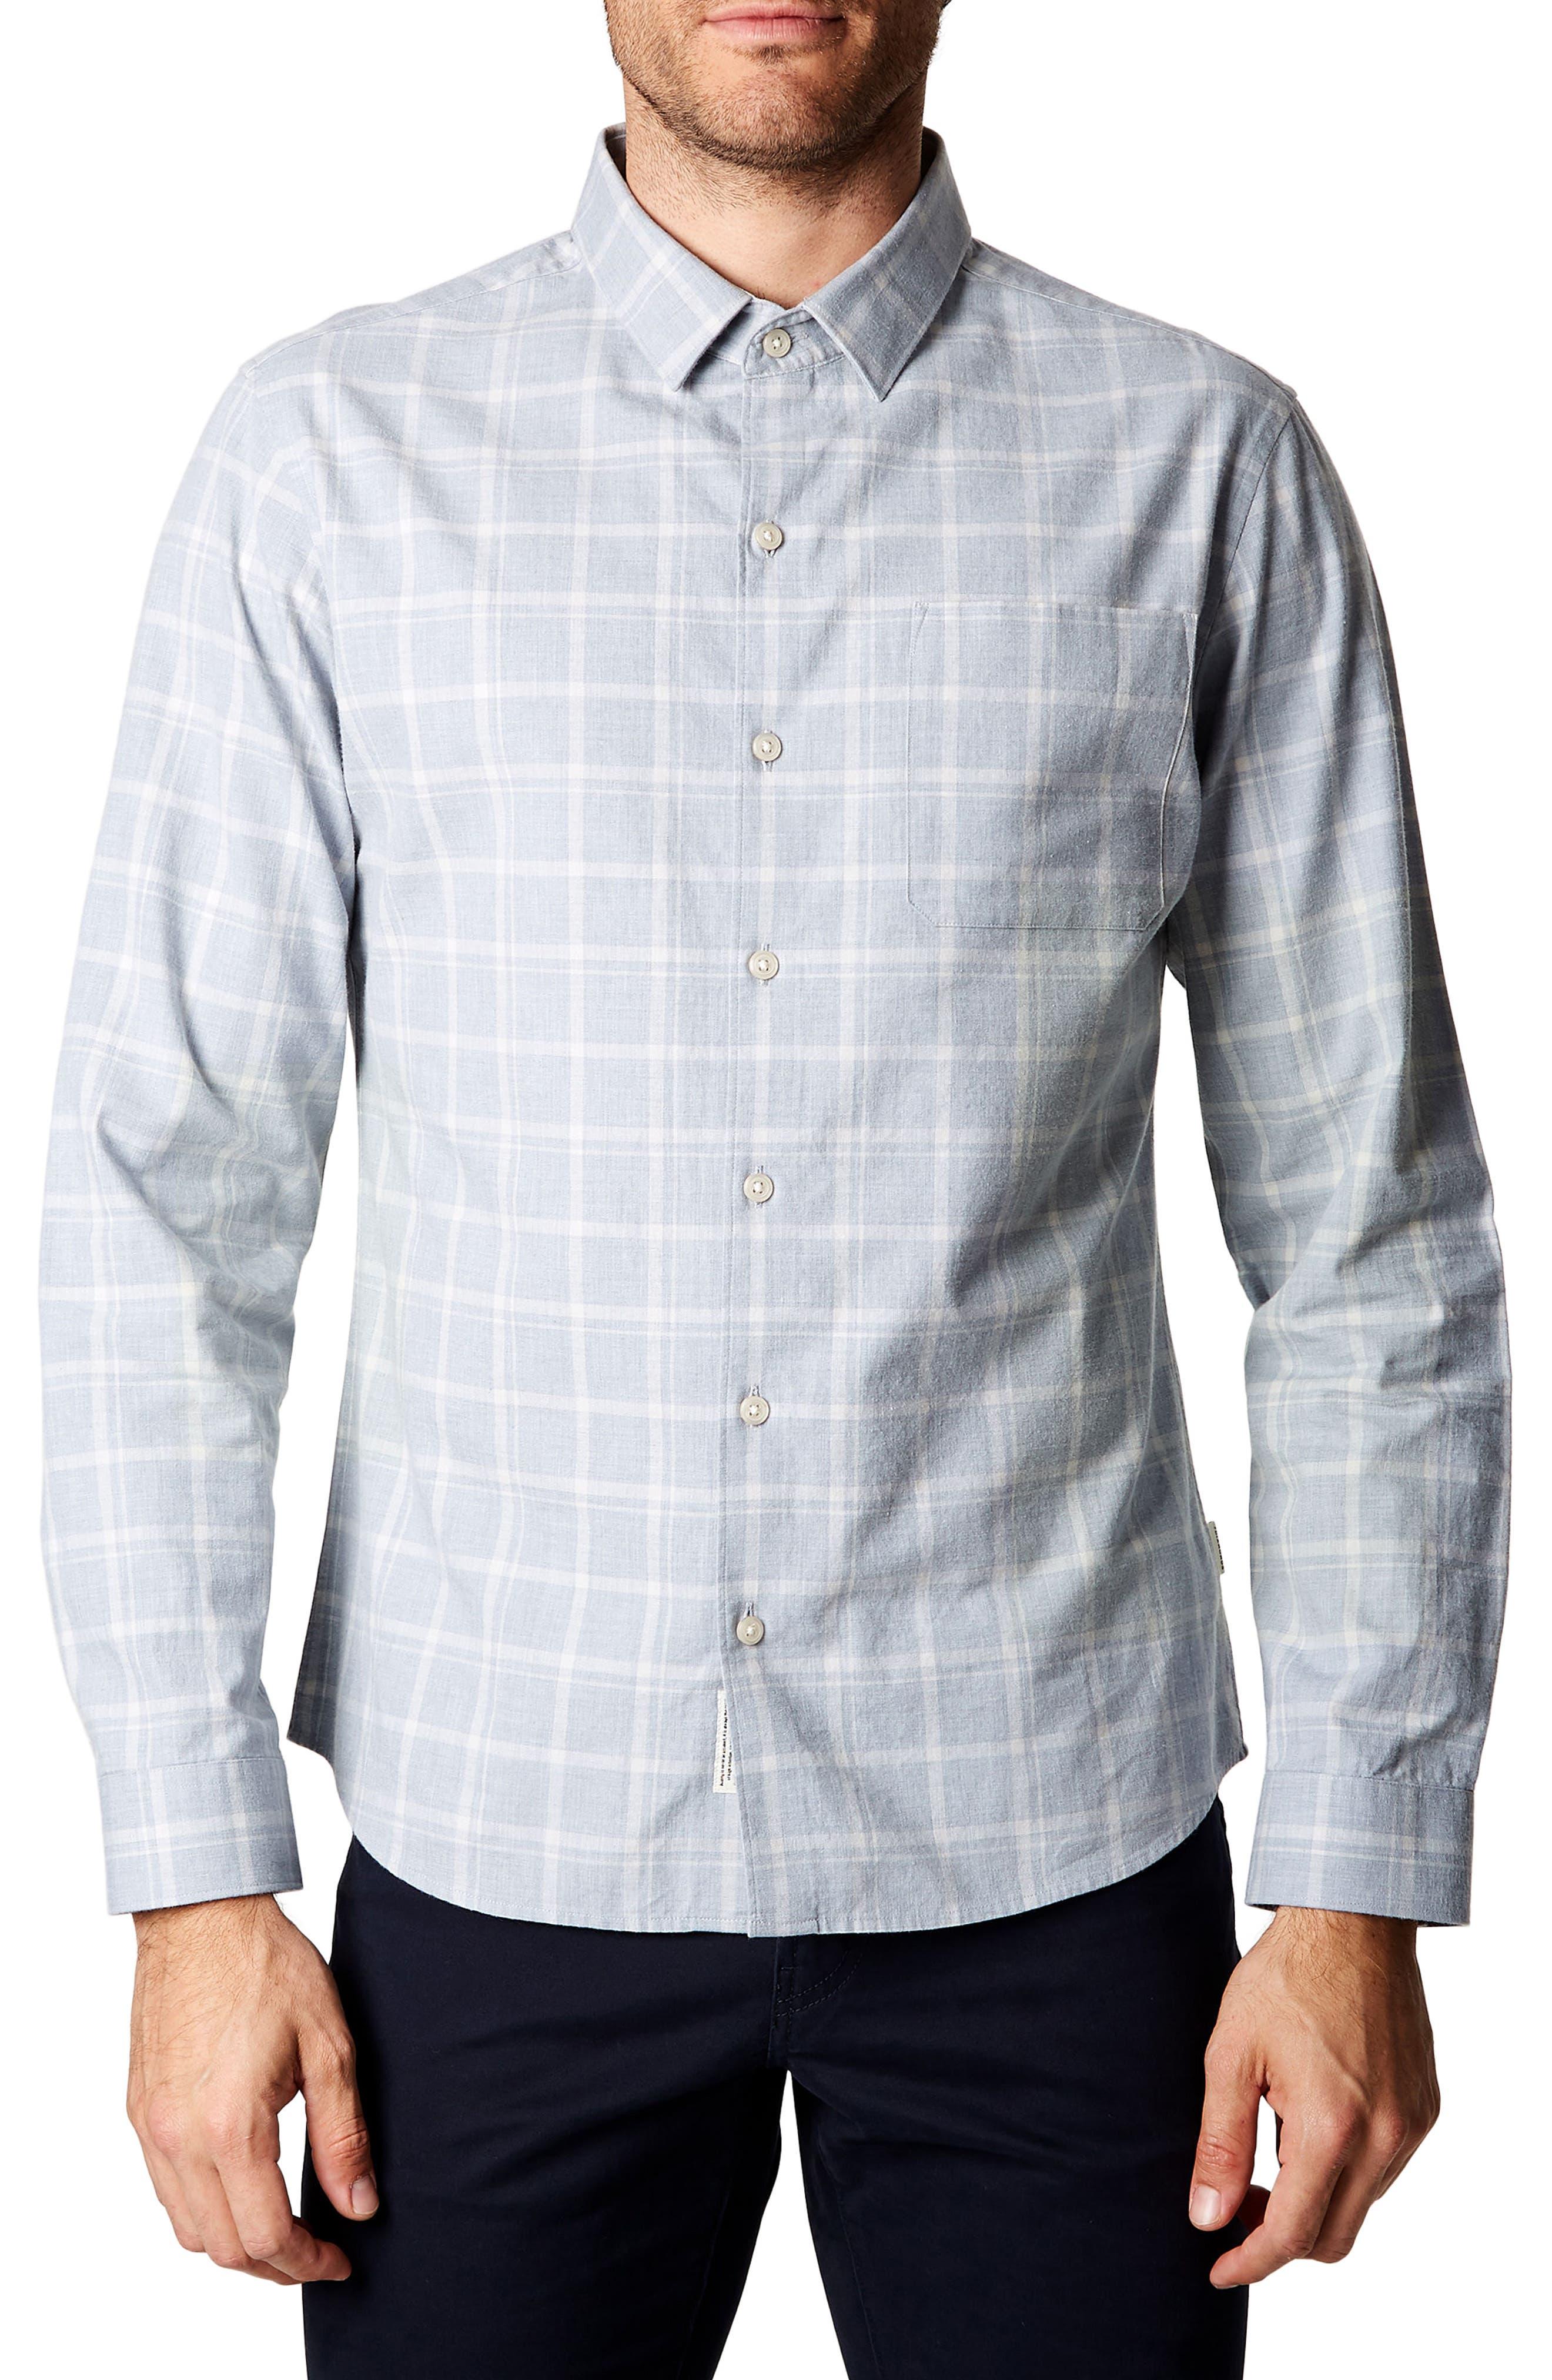 All You Know Plaid Shirt,                         Main,                         color, 050